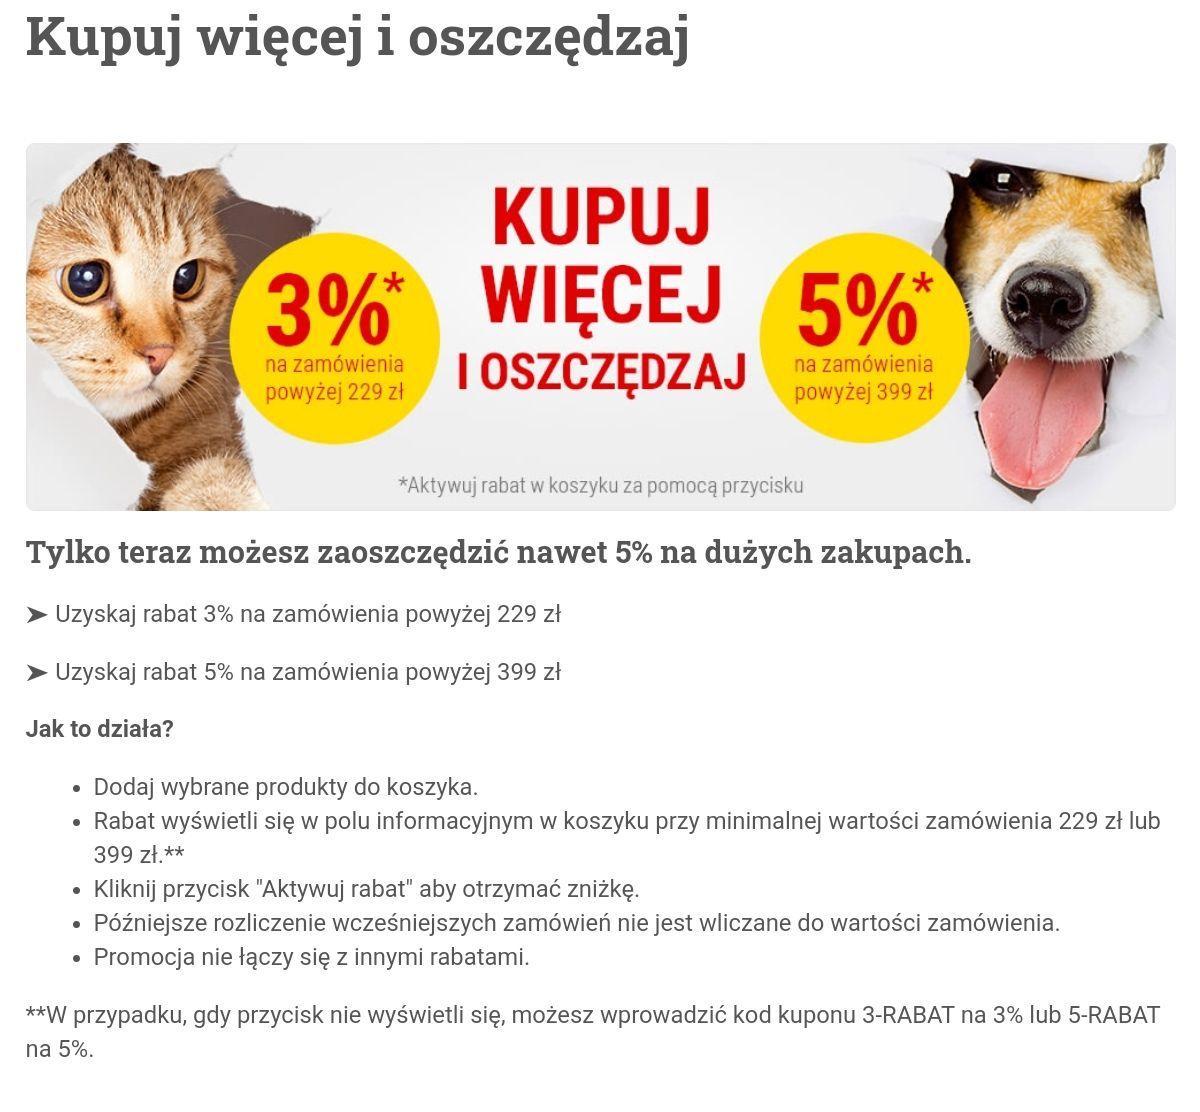 Bitiba 3% zniżki mwz 229 oraz 5% zniżki mwz 399zł sklep z artykułami dla zwierząt